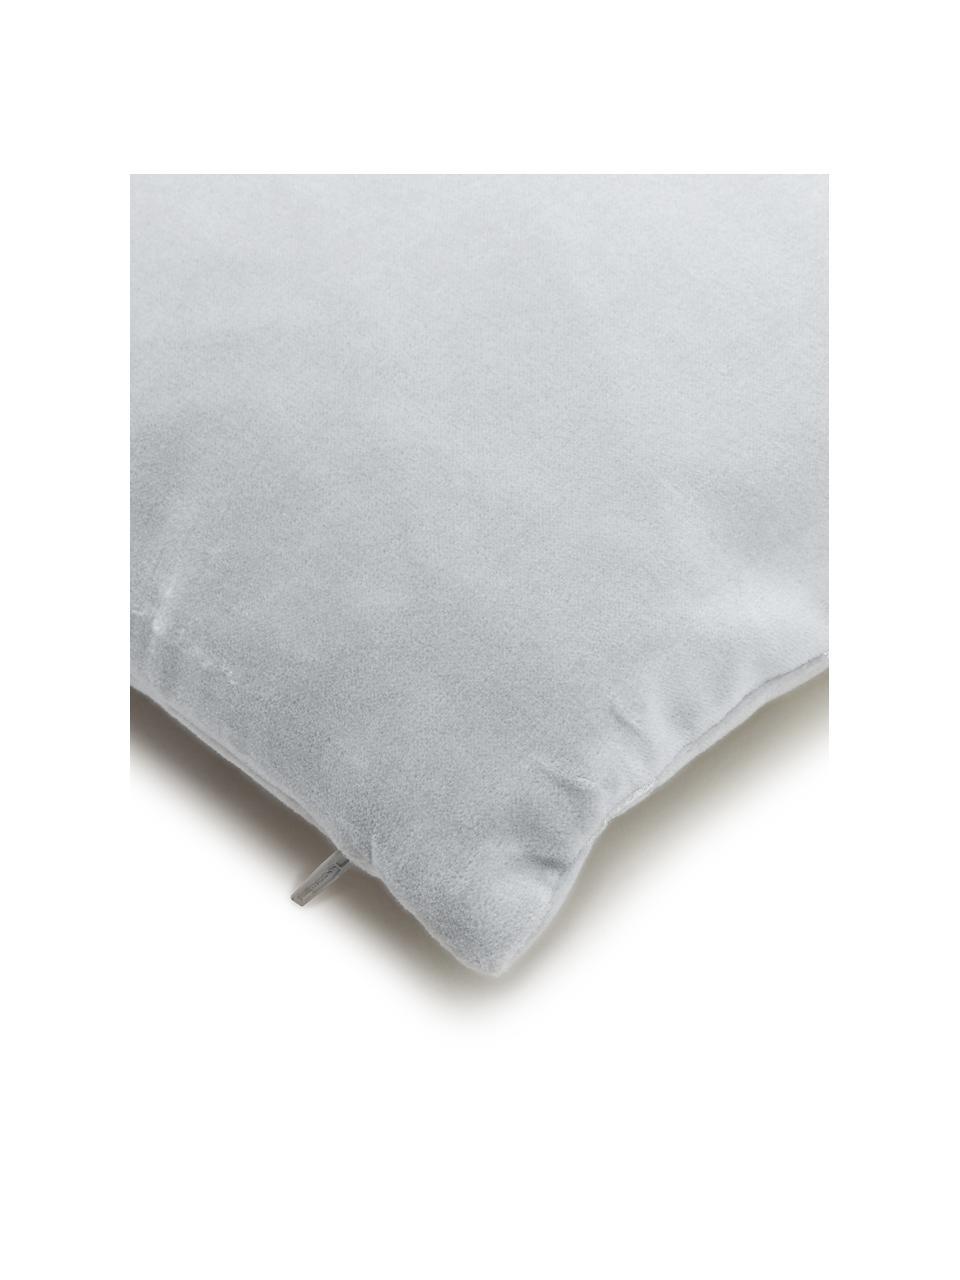 Poszewka na poduszkę z aksamitu Shiny, 100% aksamit bawełniany, Jasny szary, odcienie srebrnego, S 40 x D 40 cm